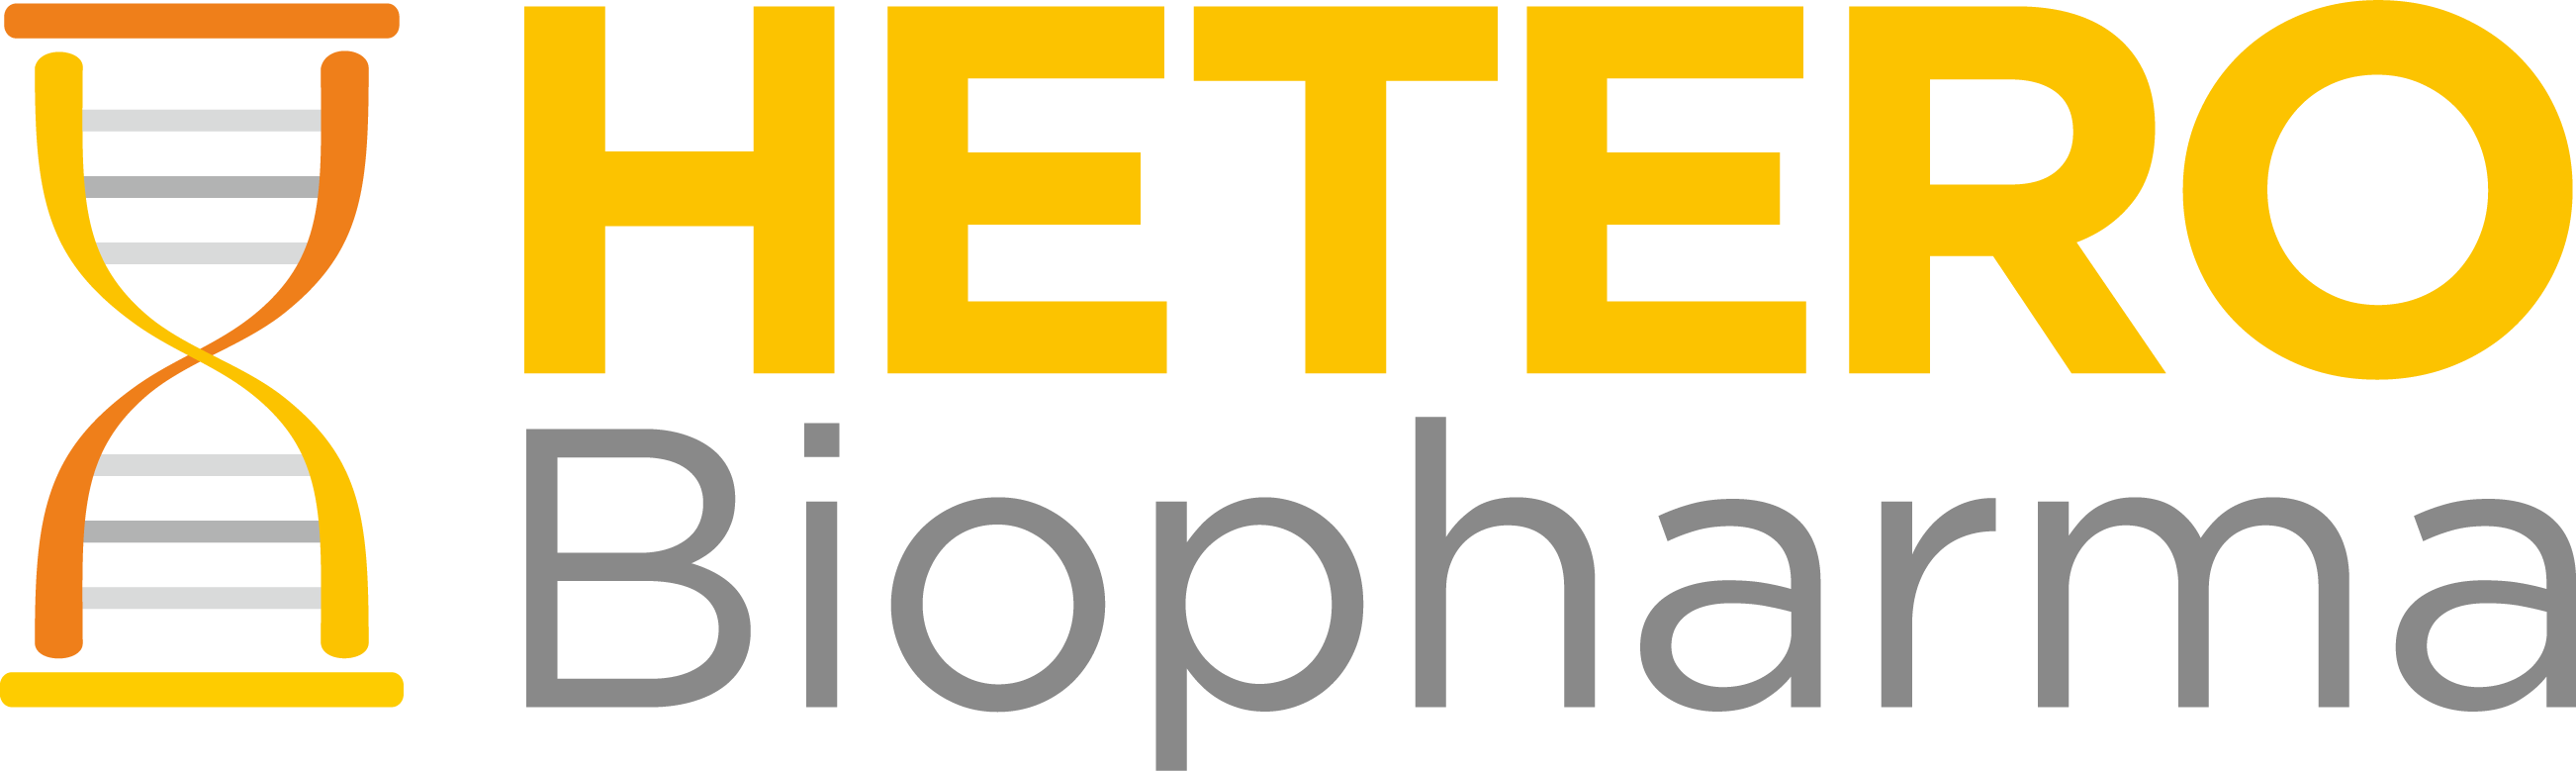 pharma-logo-3